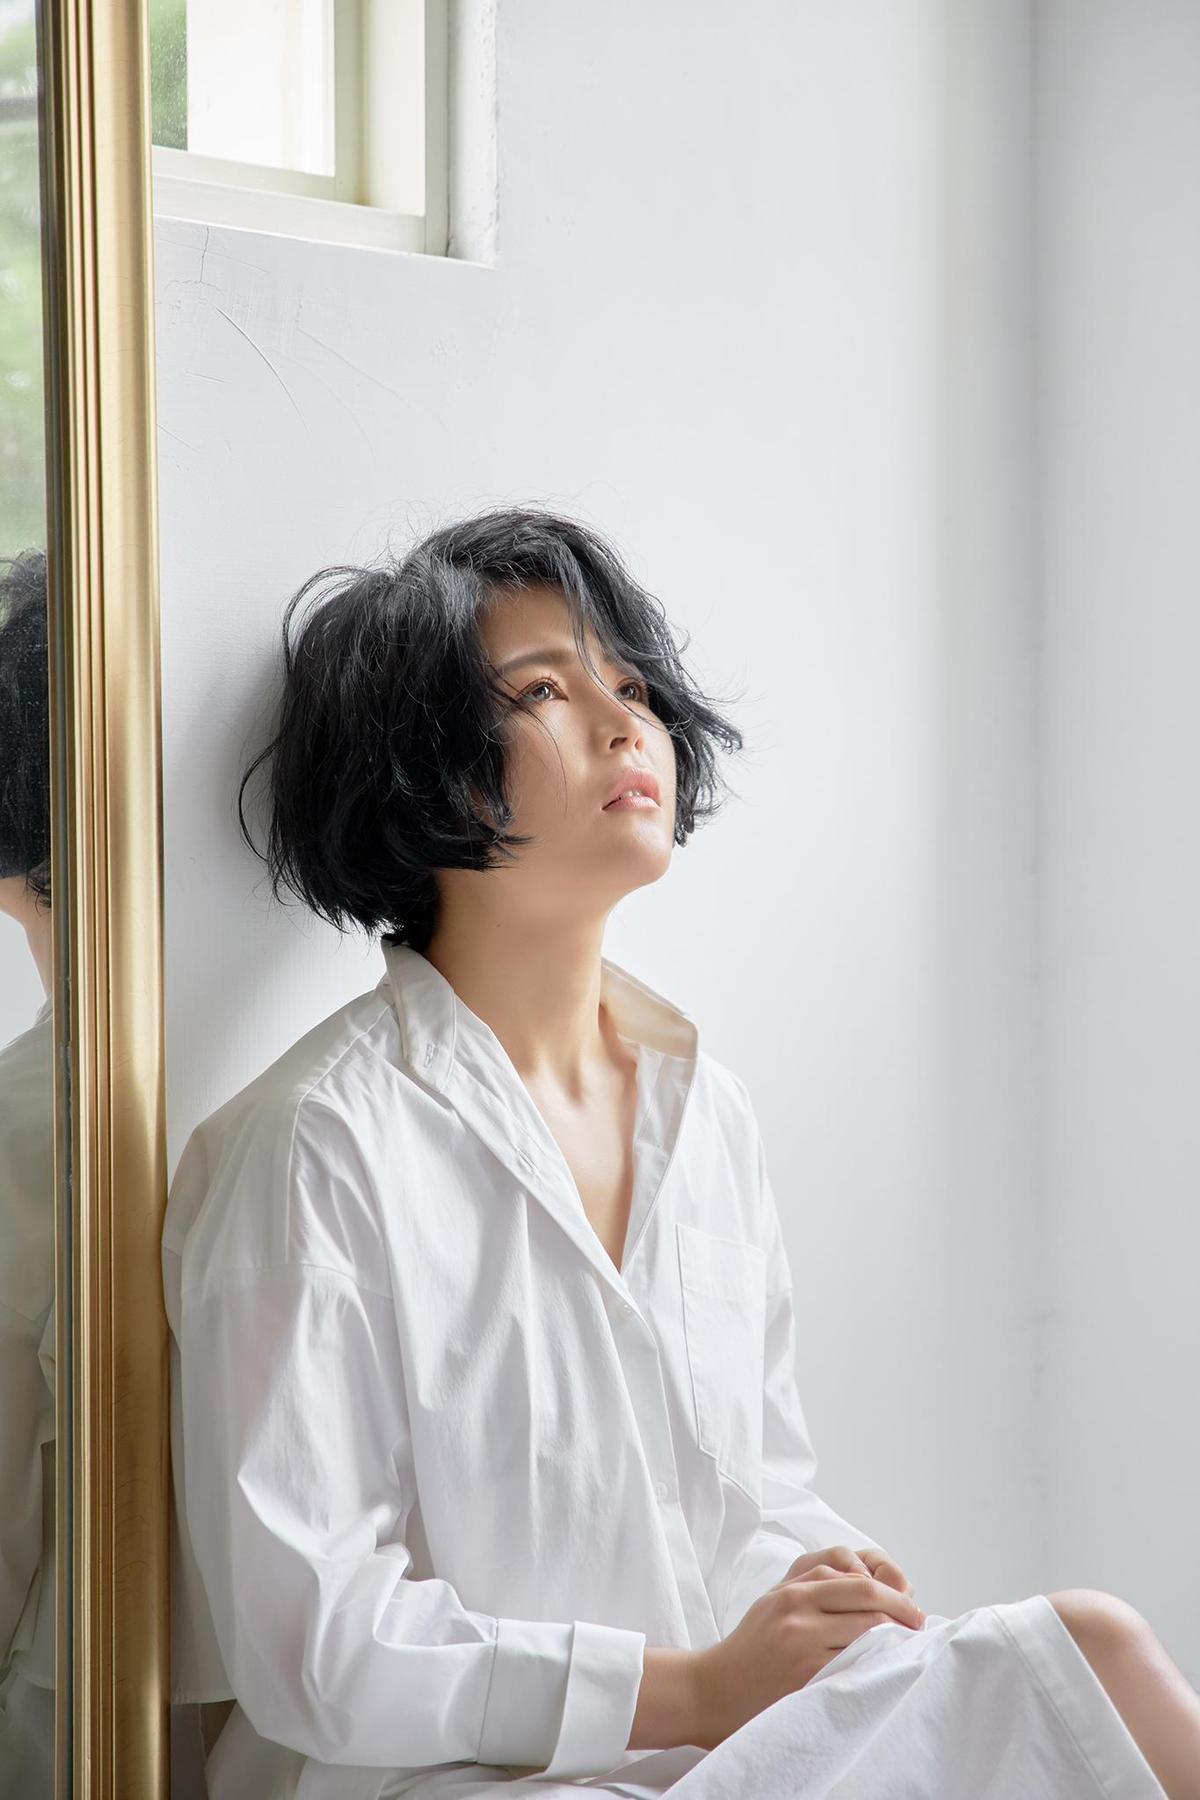 邱詩凌曾是選秀節目《星光大道》第5名,歌唱實力不弱。(寰亞提供)